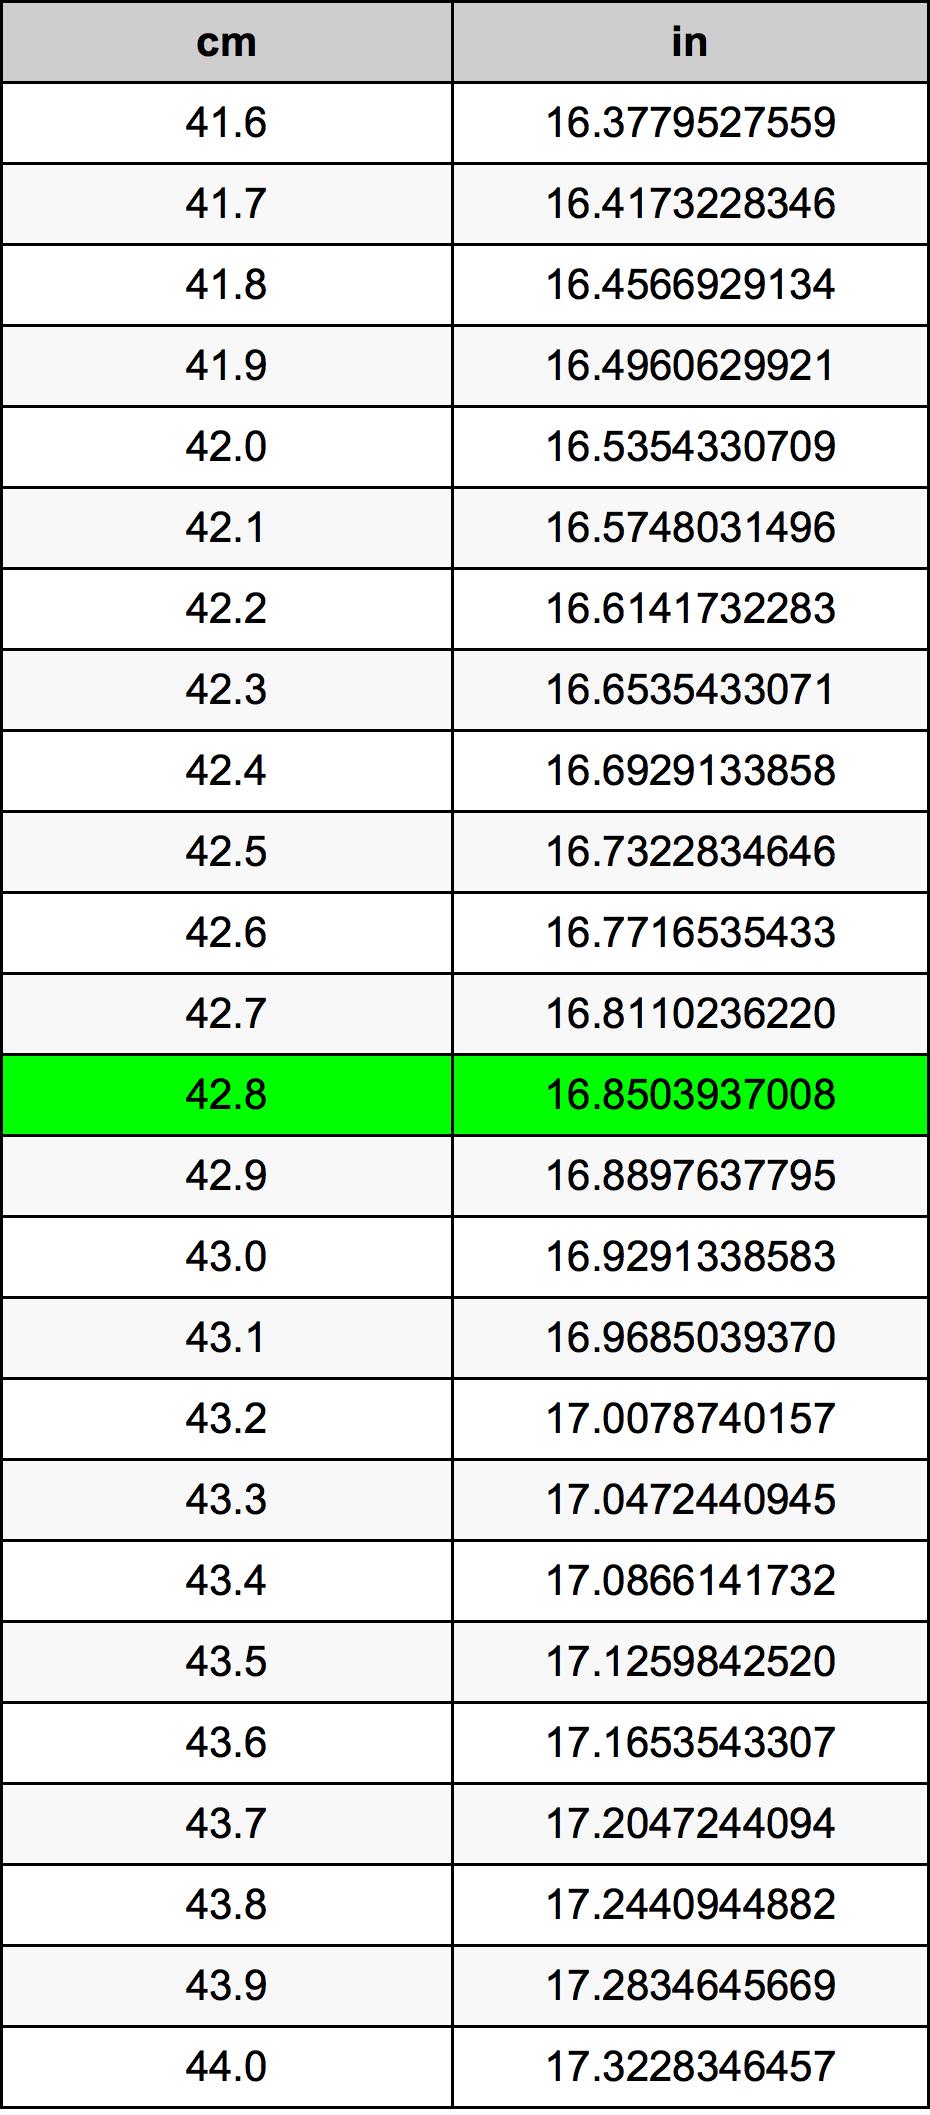 42.8厘米換算表